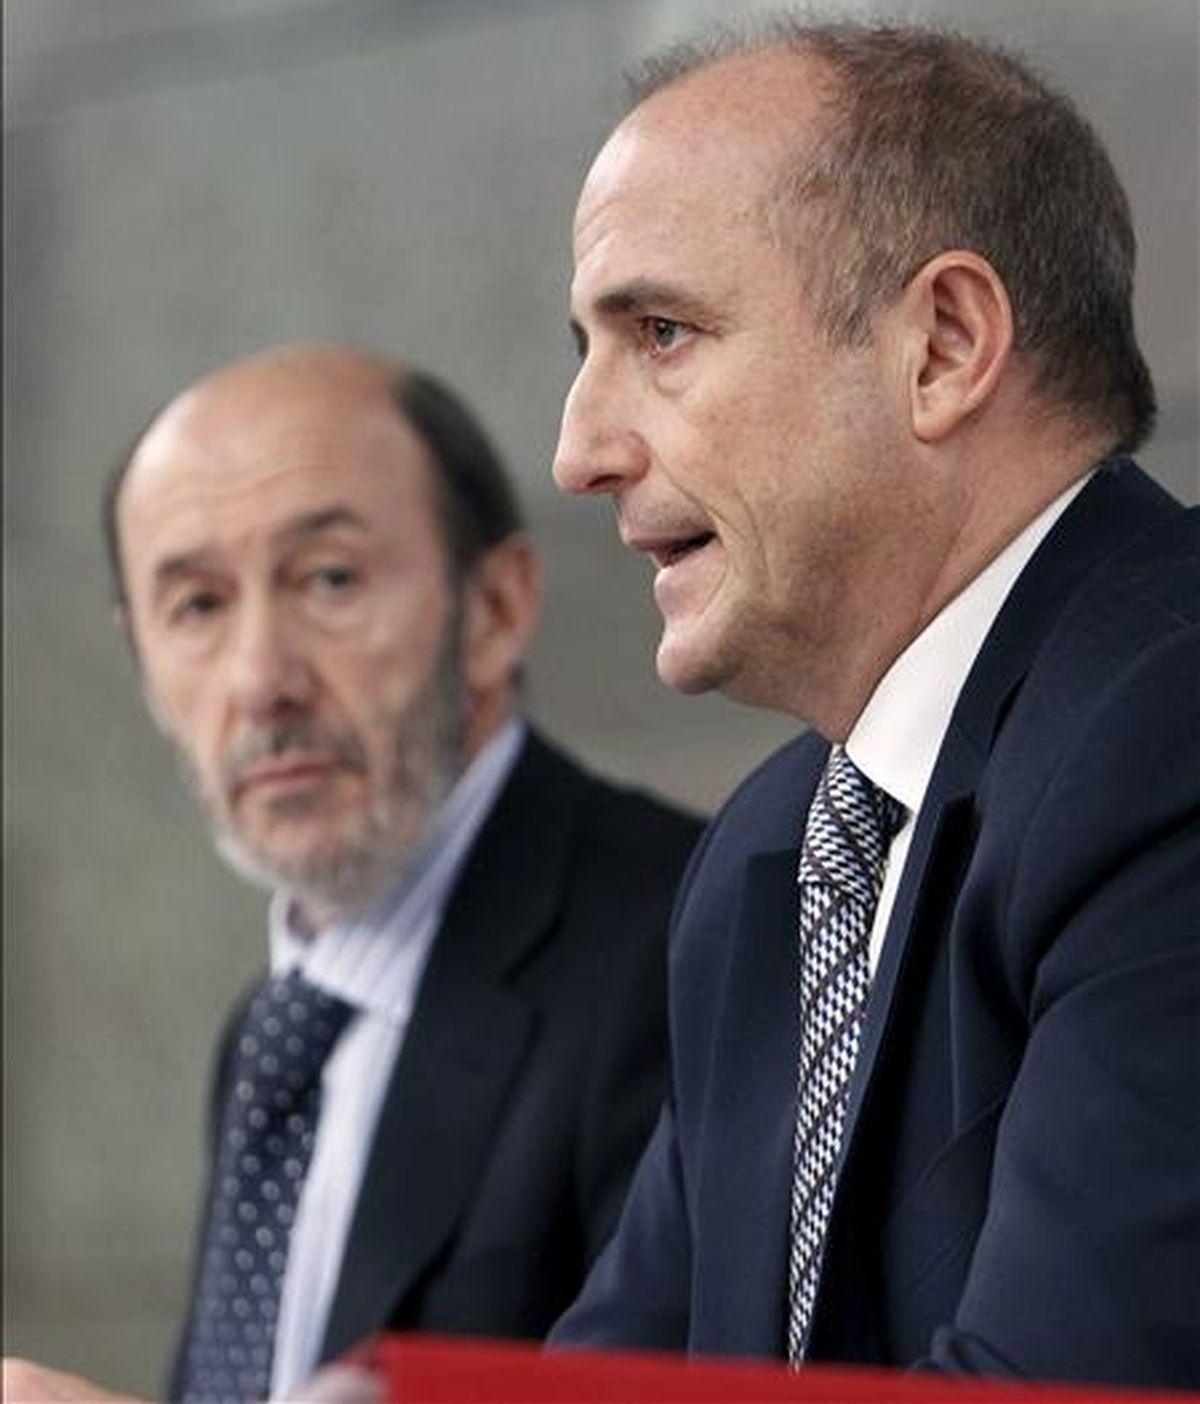 El vicepresidente primero del Gobierno, Alfredo Pérez Rubalcaba (i) y el ministro de Industria, Turismo y Comercio, Miguel Sebastián, durante la rueda de prensa posterior a la reunión del Consejo de Ministros. EFE